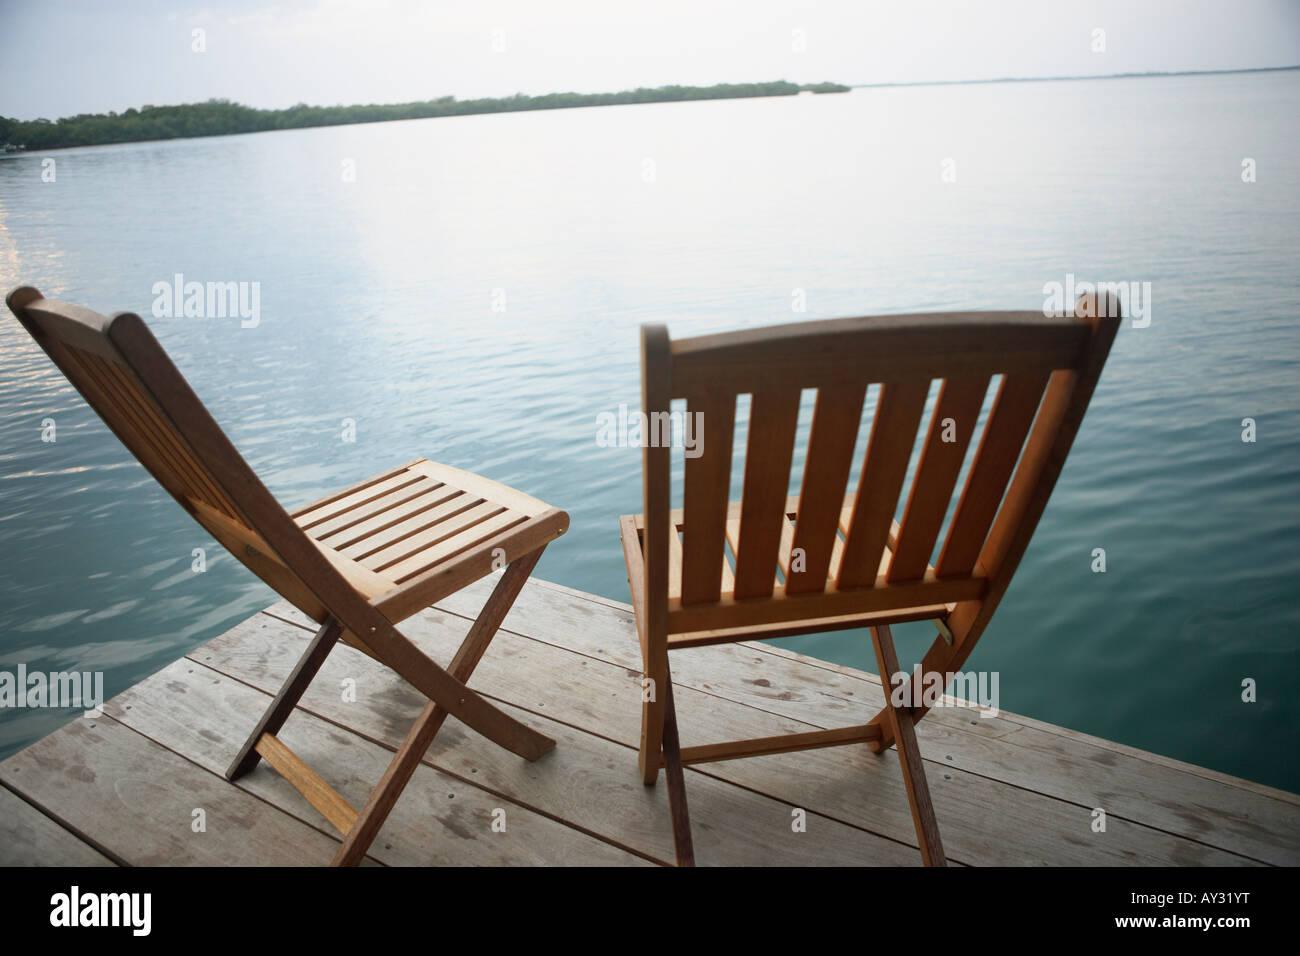 Deck Chair On Wooden Dock Stockfotos und  bilder Kaufen   Alamy